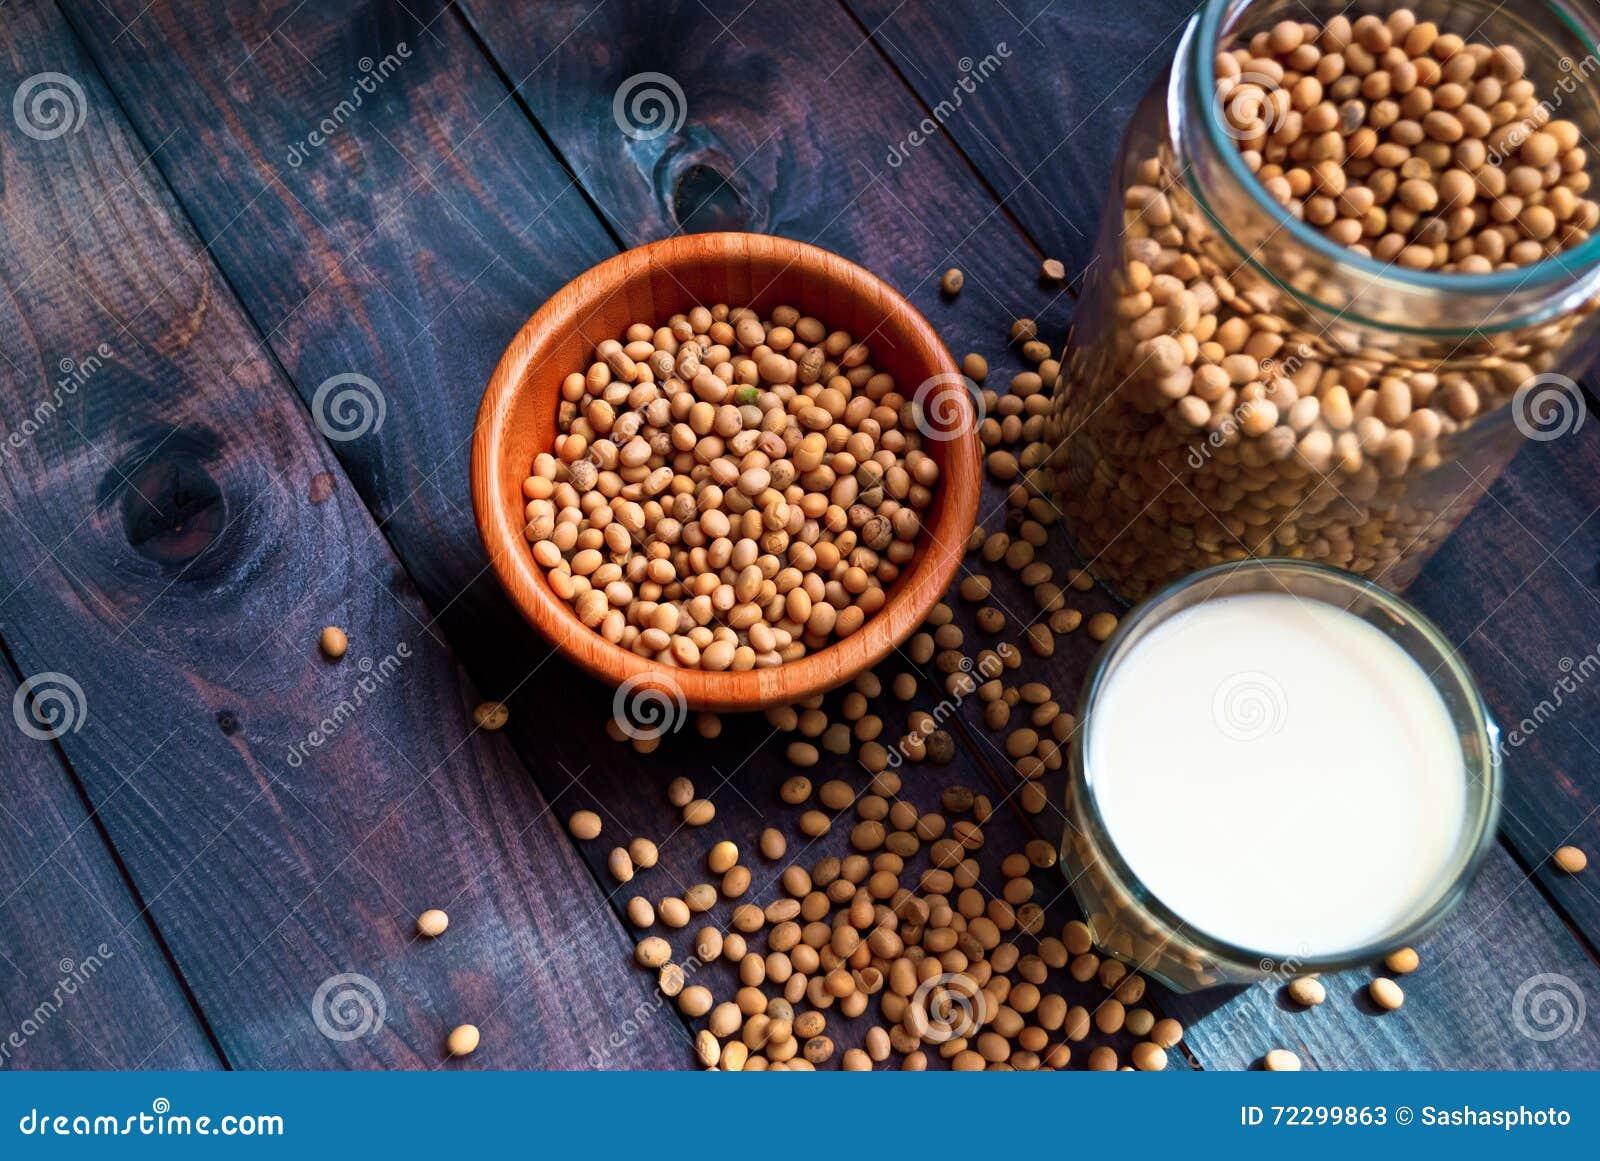 Download Соевое молоко и фасоли стоковое изображение. изображение насчитывающей чашка - 72299863